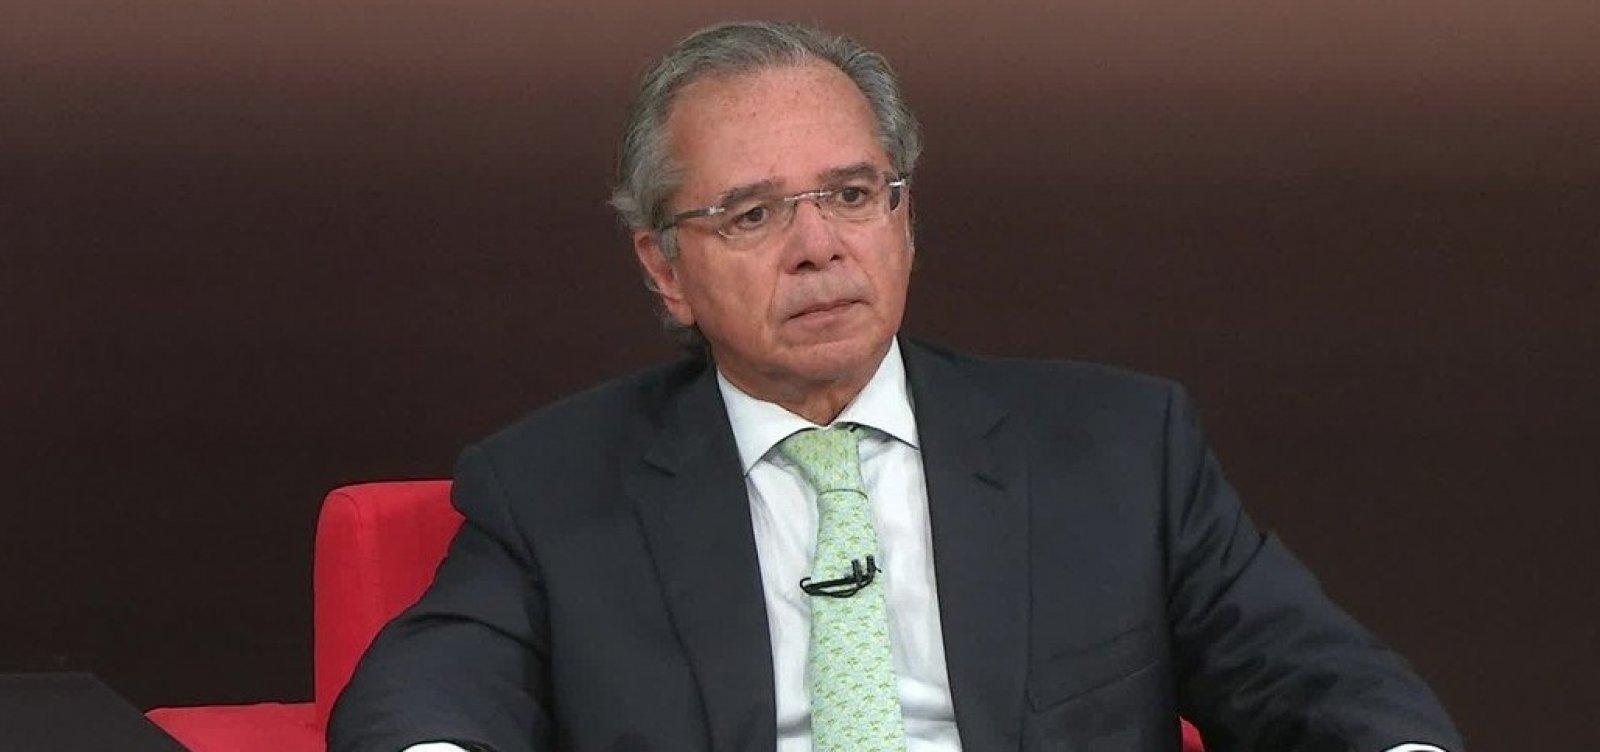 [Paulo Guedes critica repórter argentina e diz que Mercosul não será prioridade; veja]